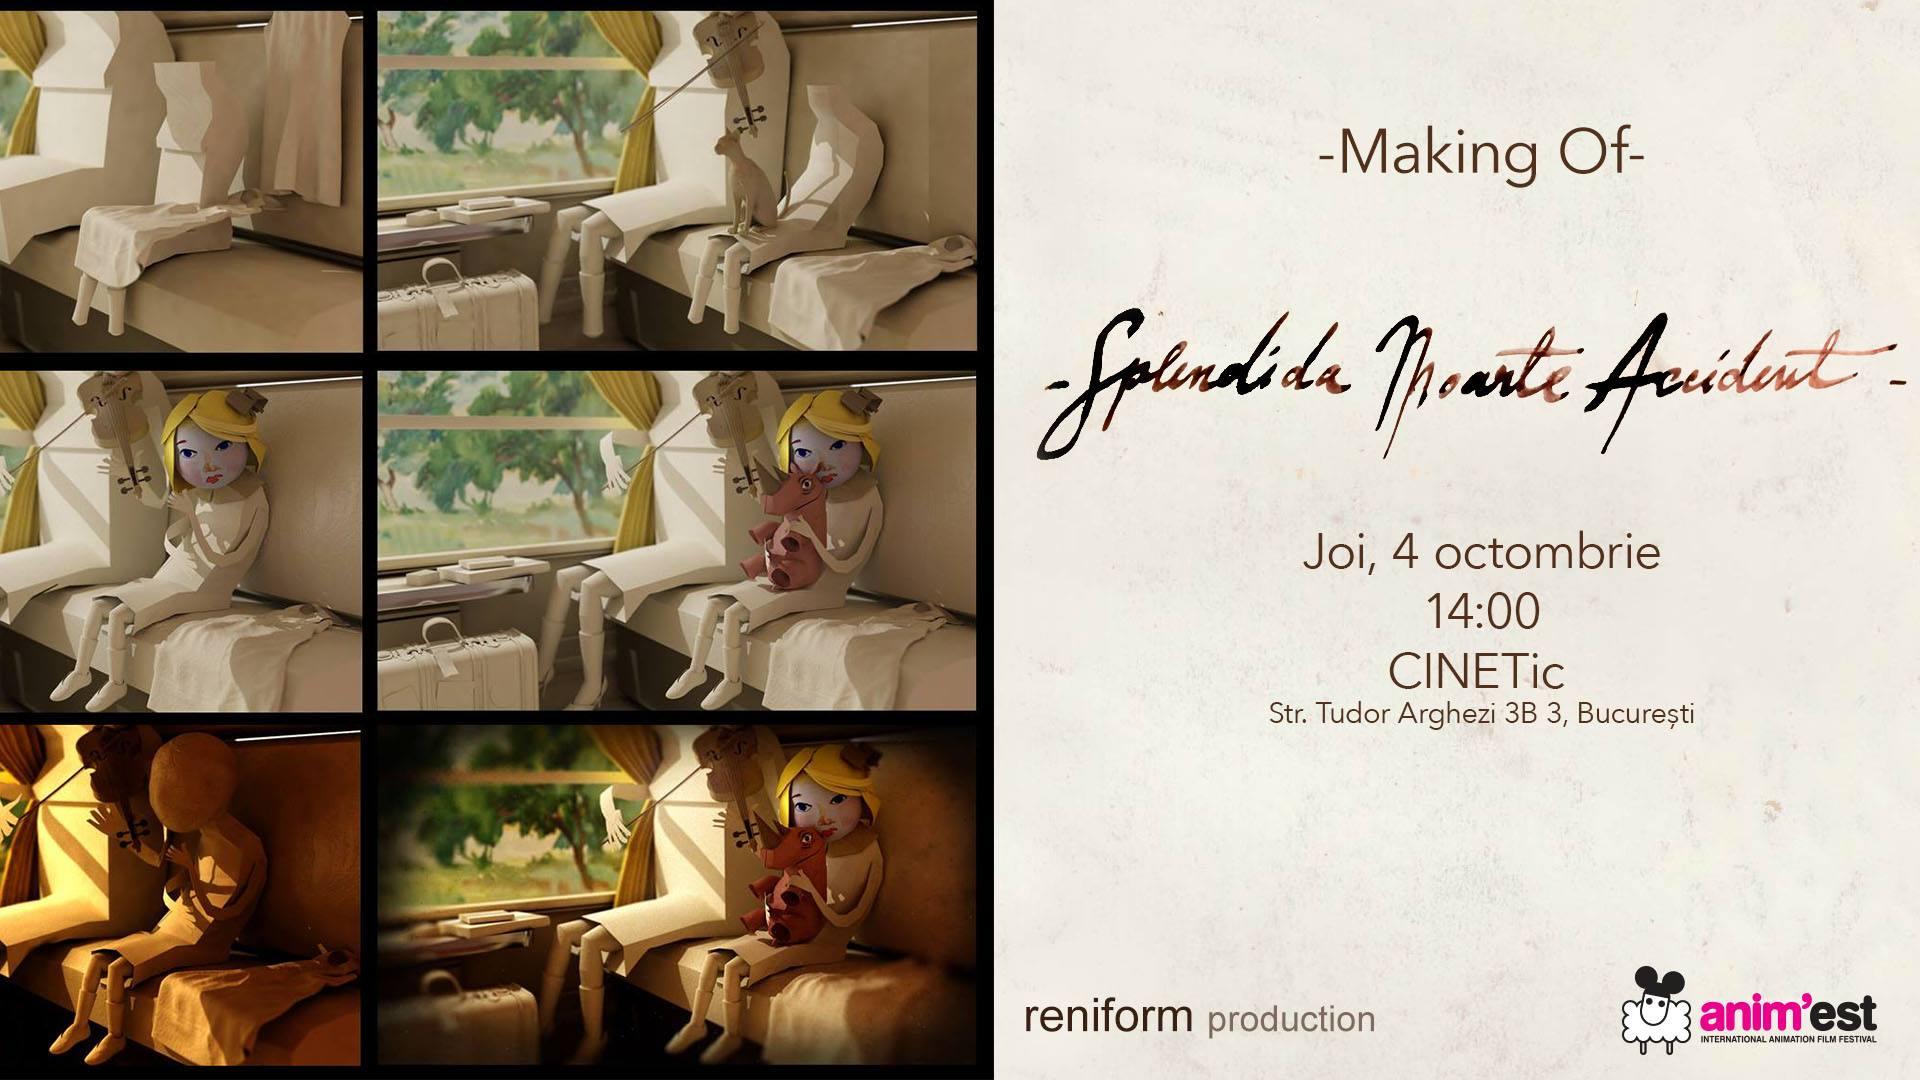 """Making of """"Splendida Moarte Accident"""" @Anim'est"""